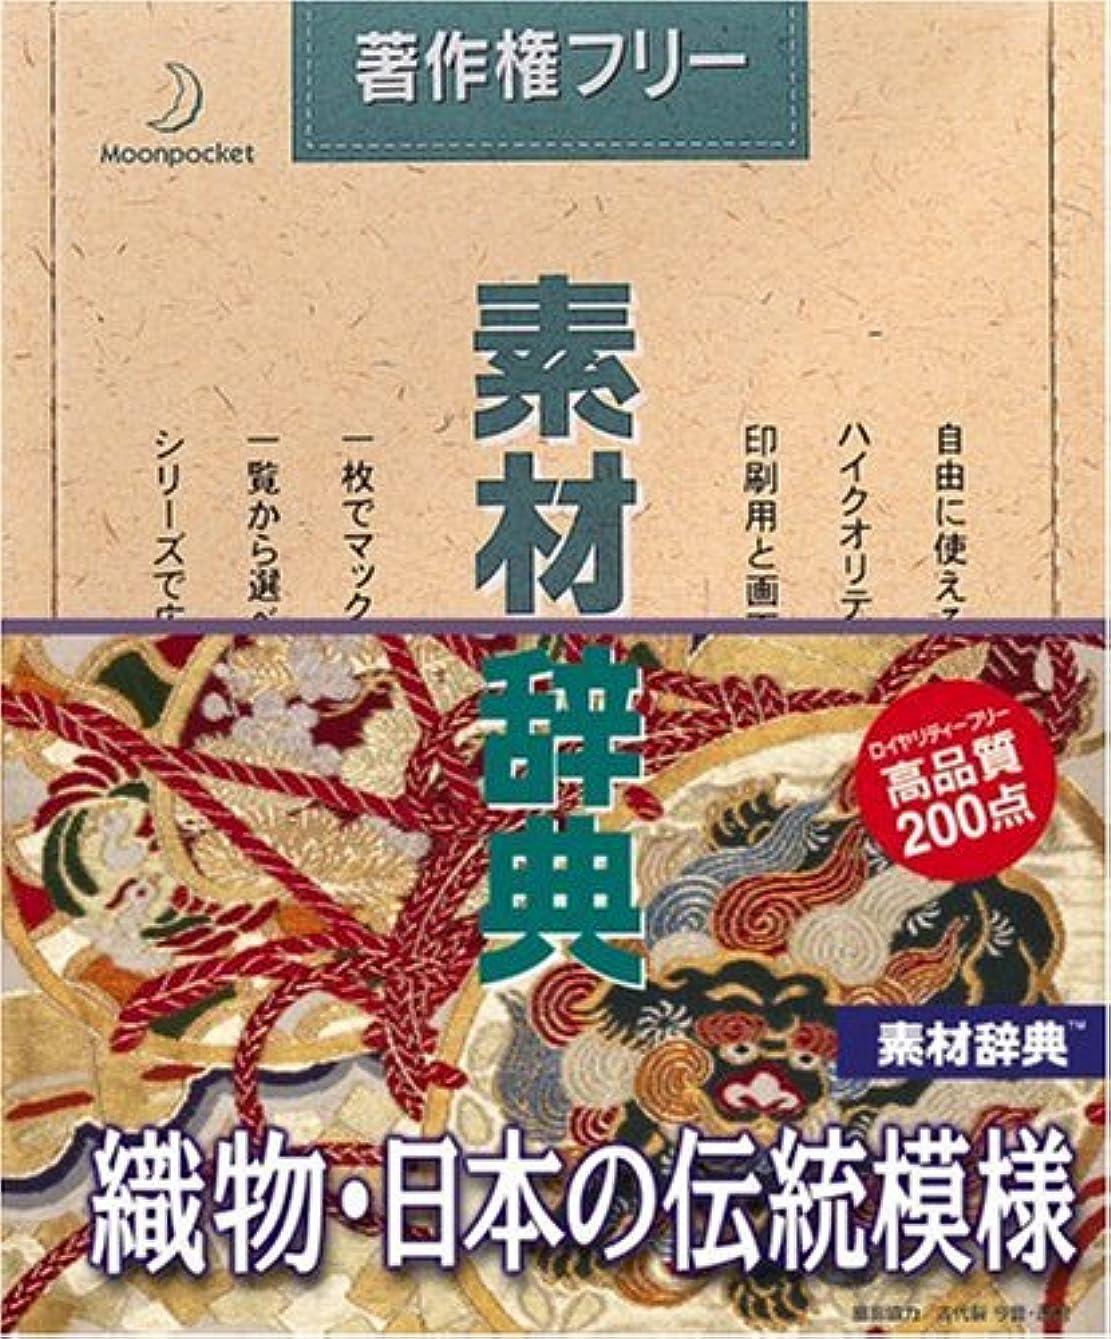 素材辞典 Vol.36 織物?日本の伝統模様編